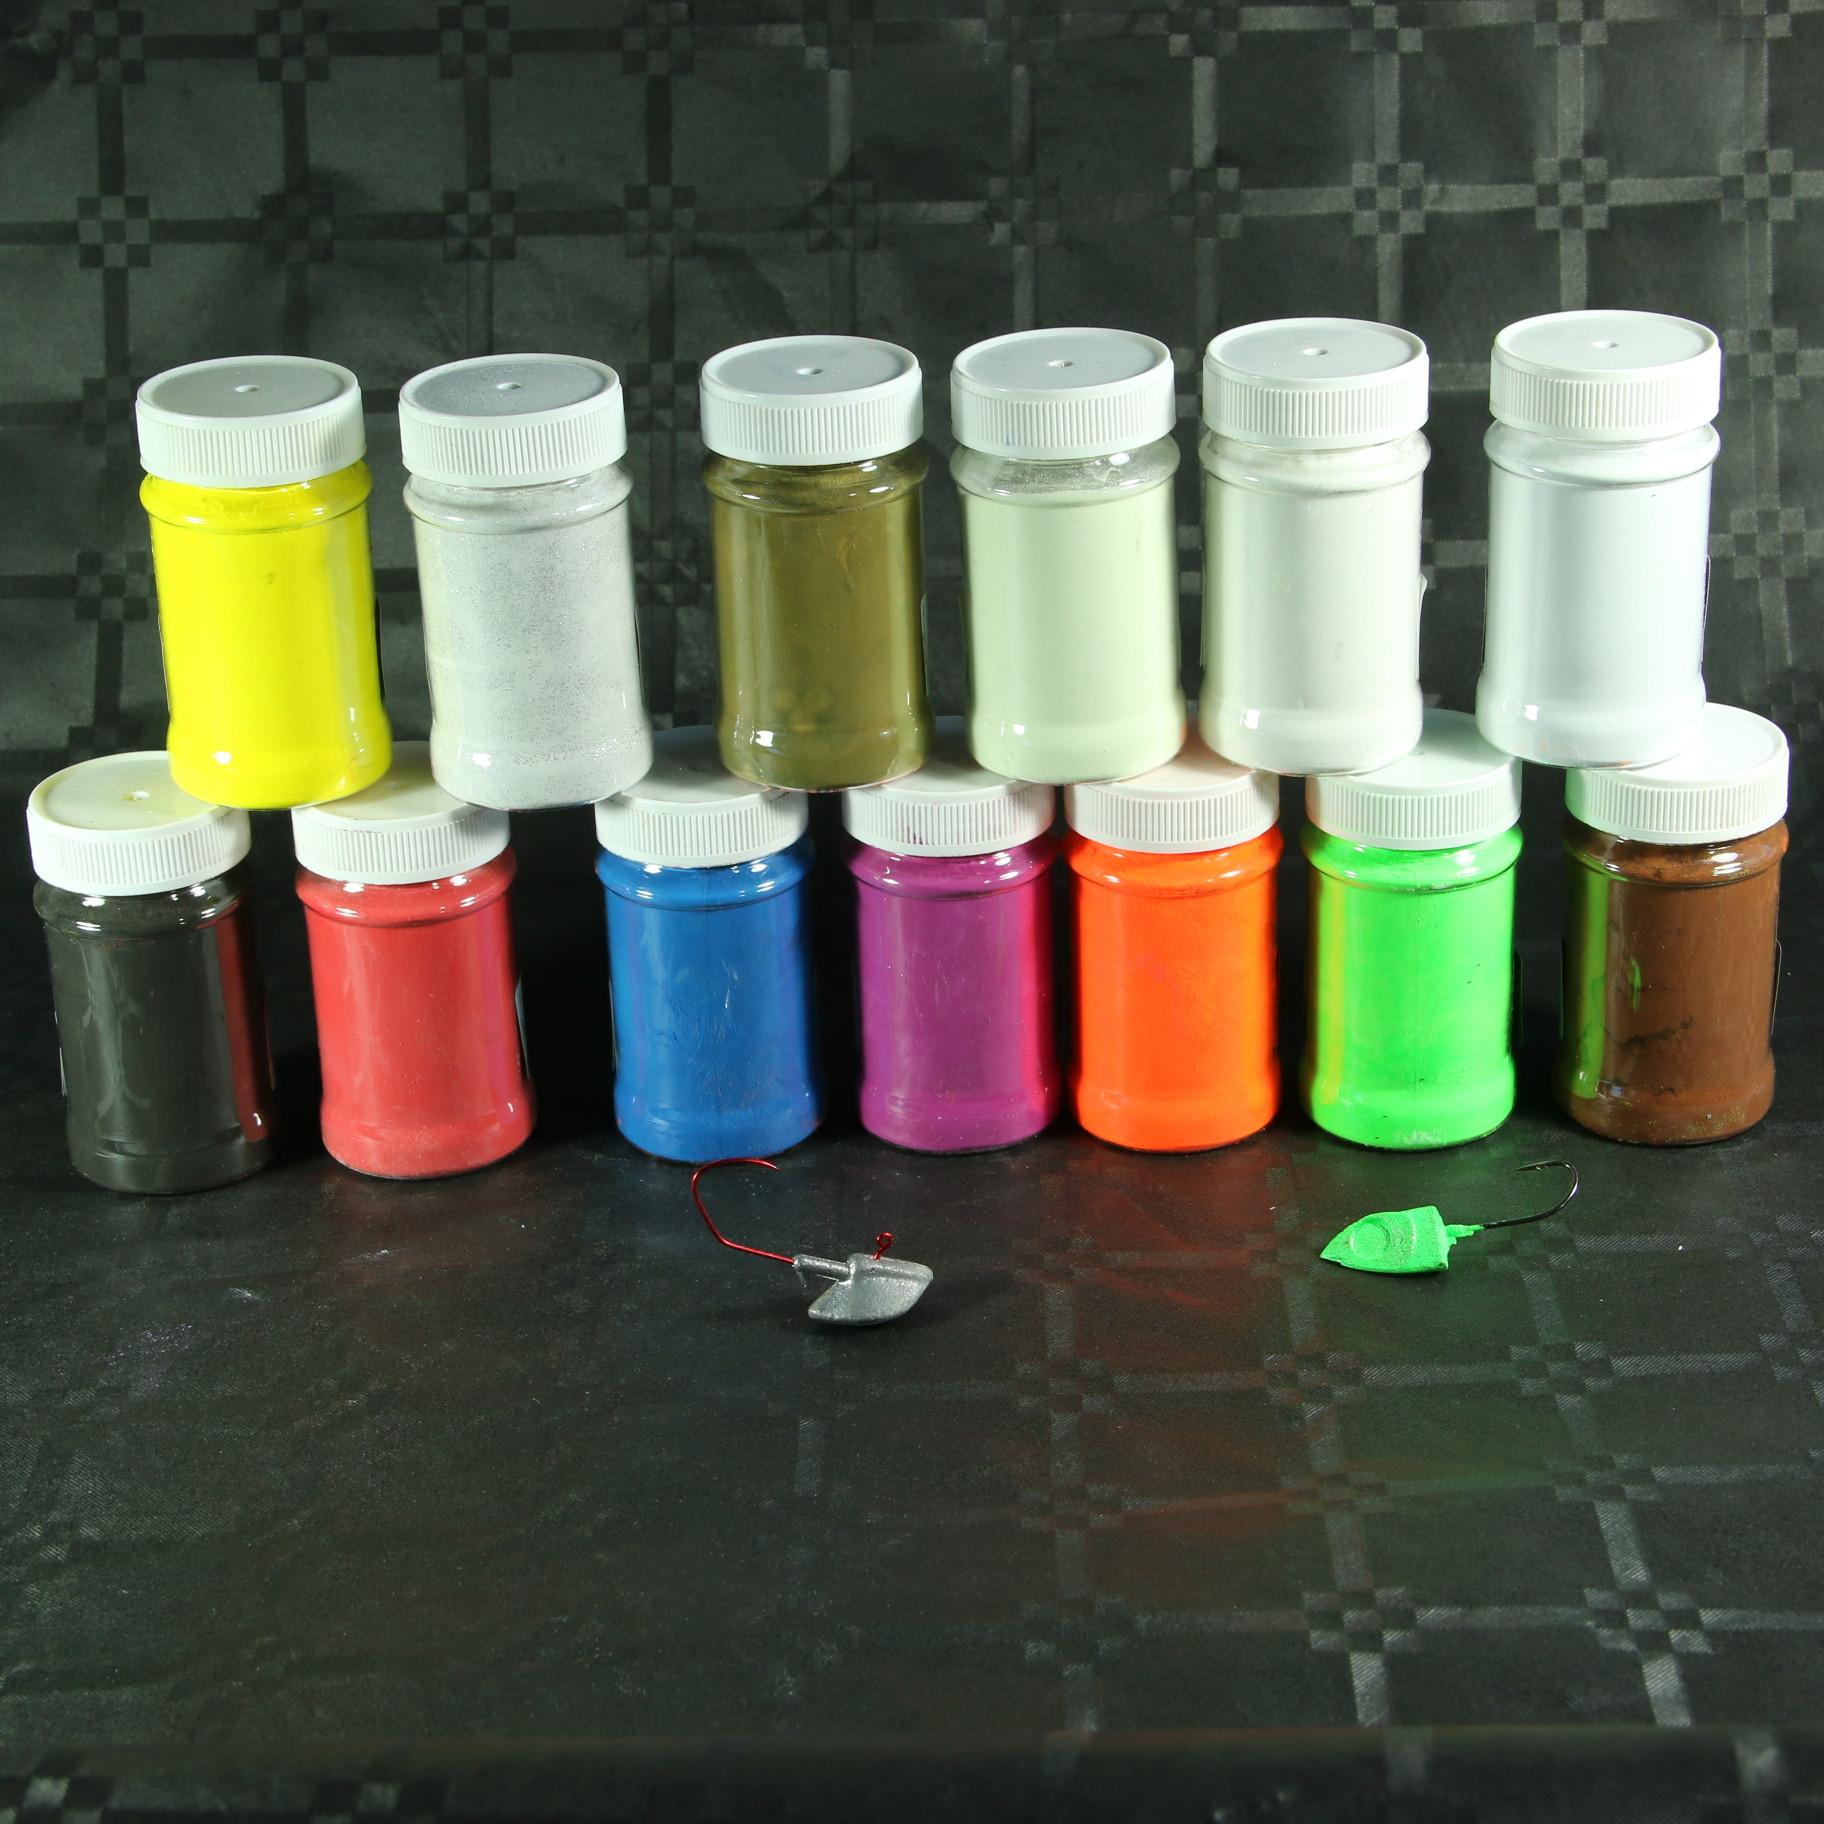 Colorant poudre pour plomb 70g bricoleurre - Colorant pour huile de lin ...